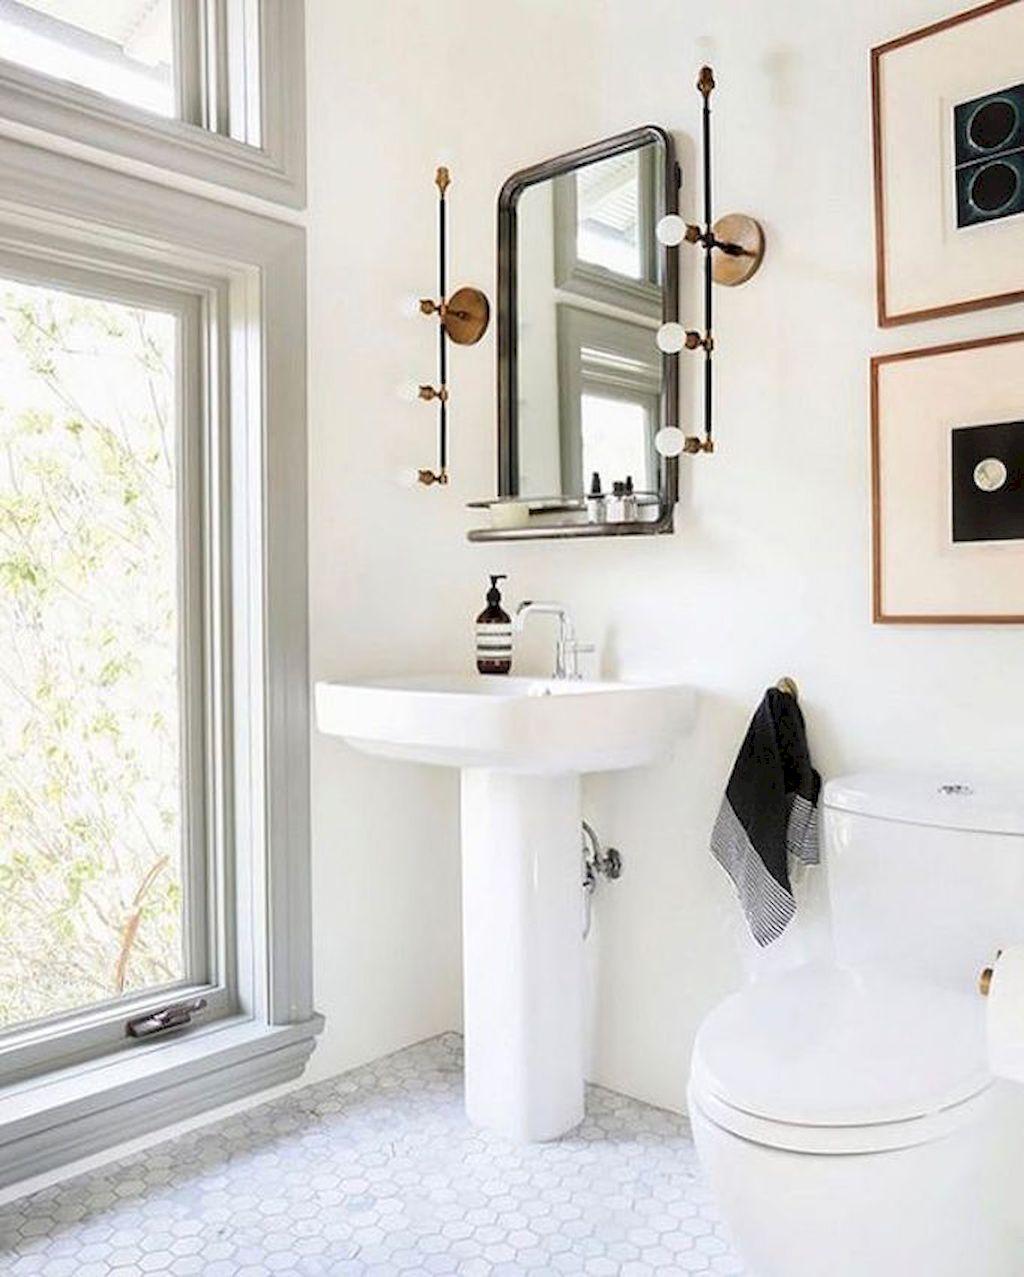 150 stunning small farmhouse bathroom decor ideas and on stunning small bathroom design ideas id=43923